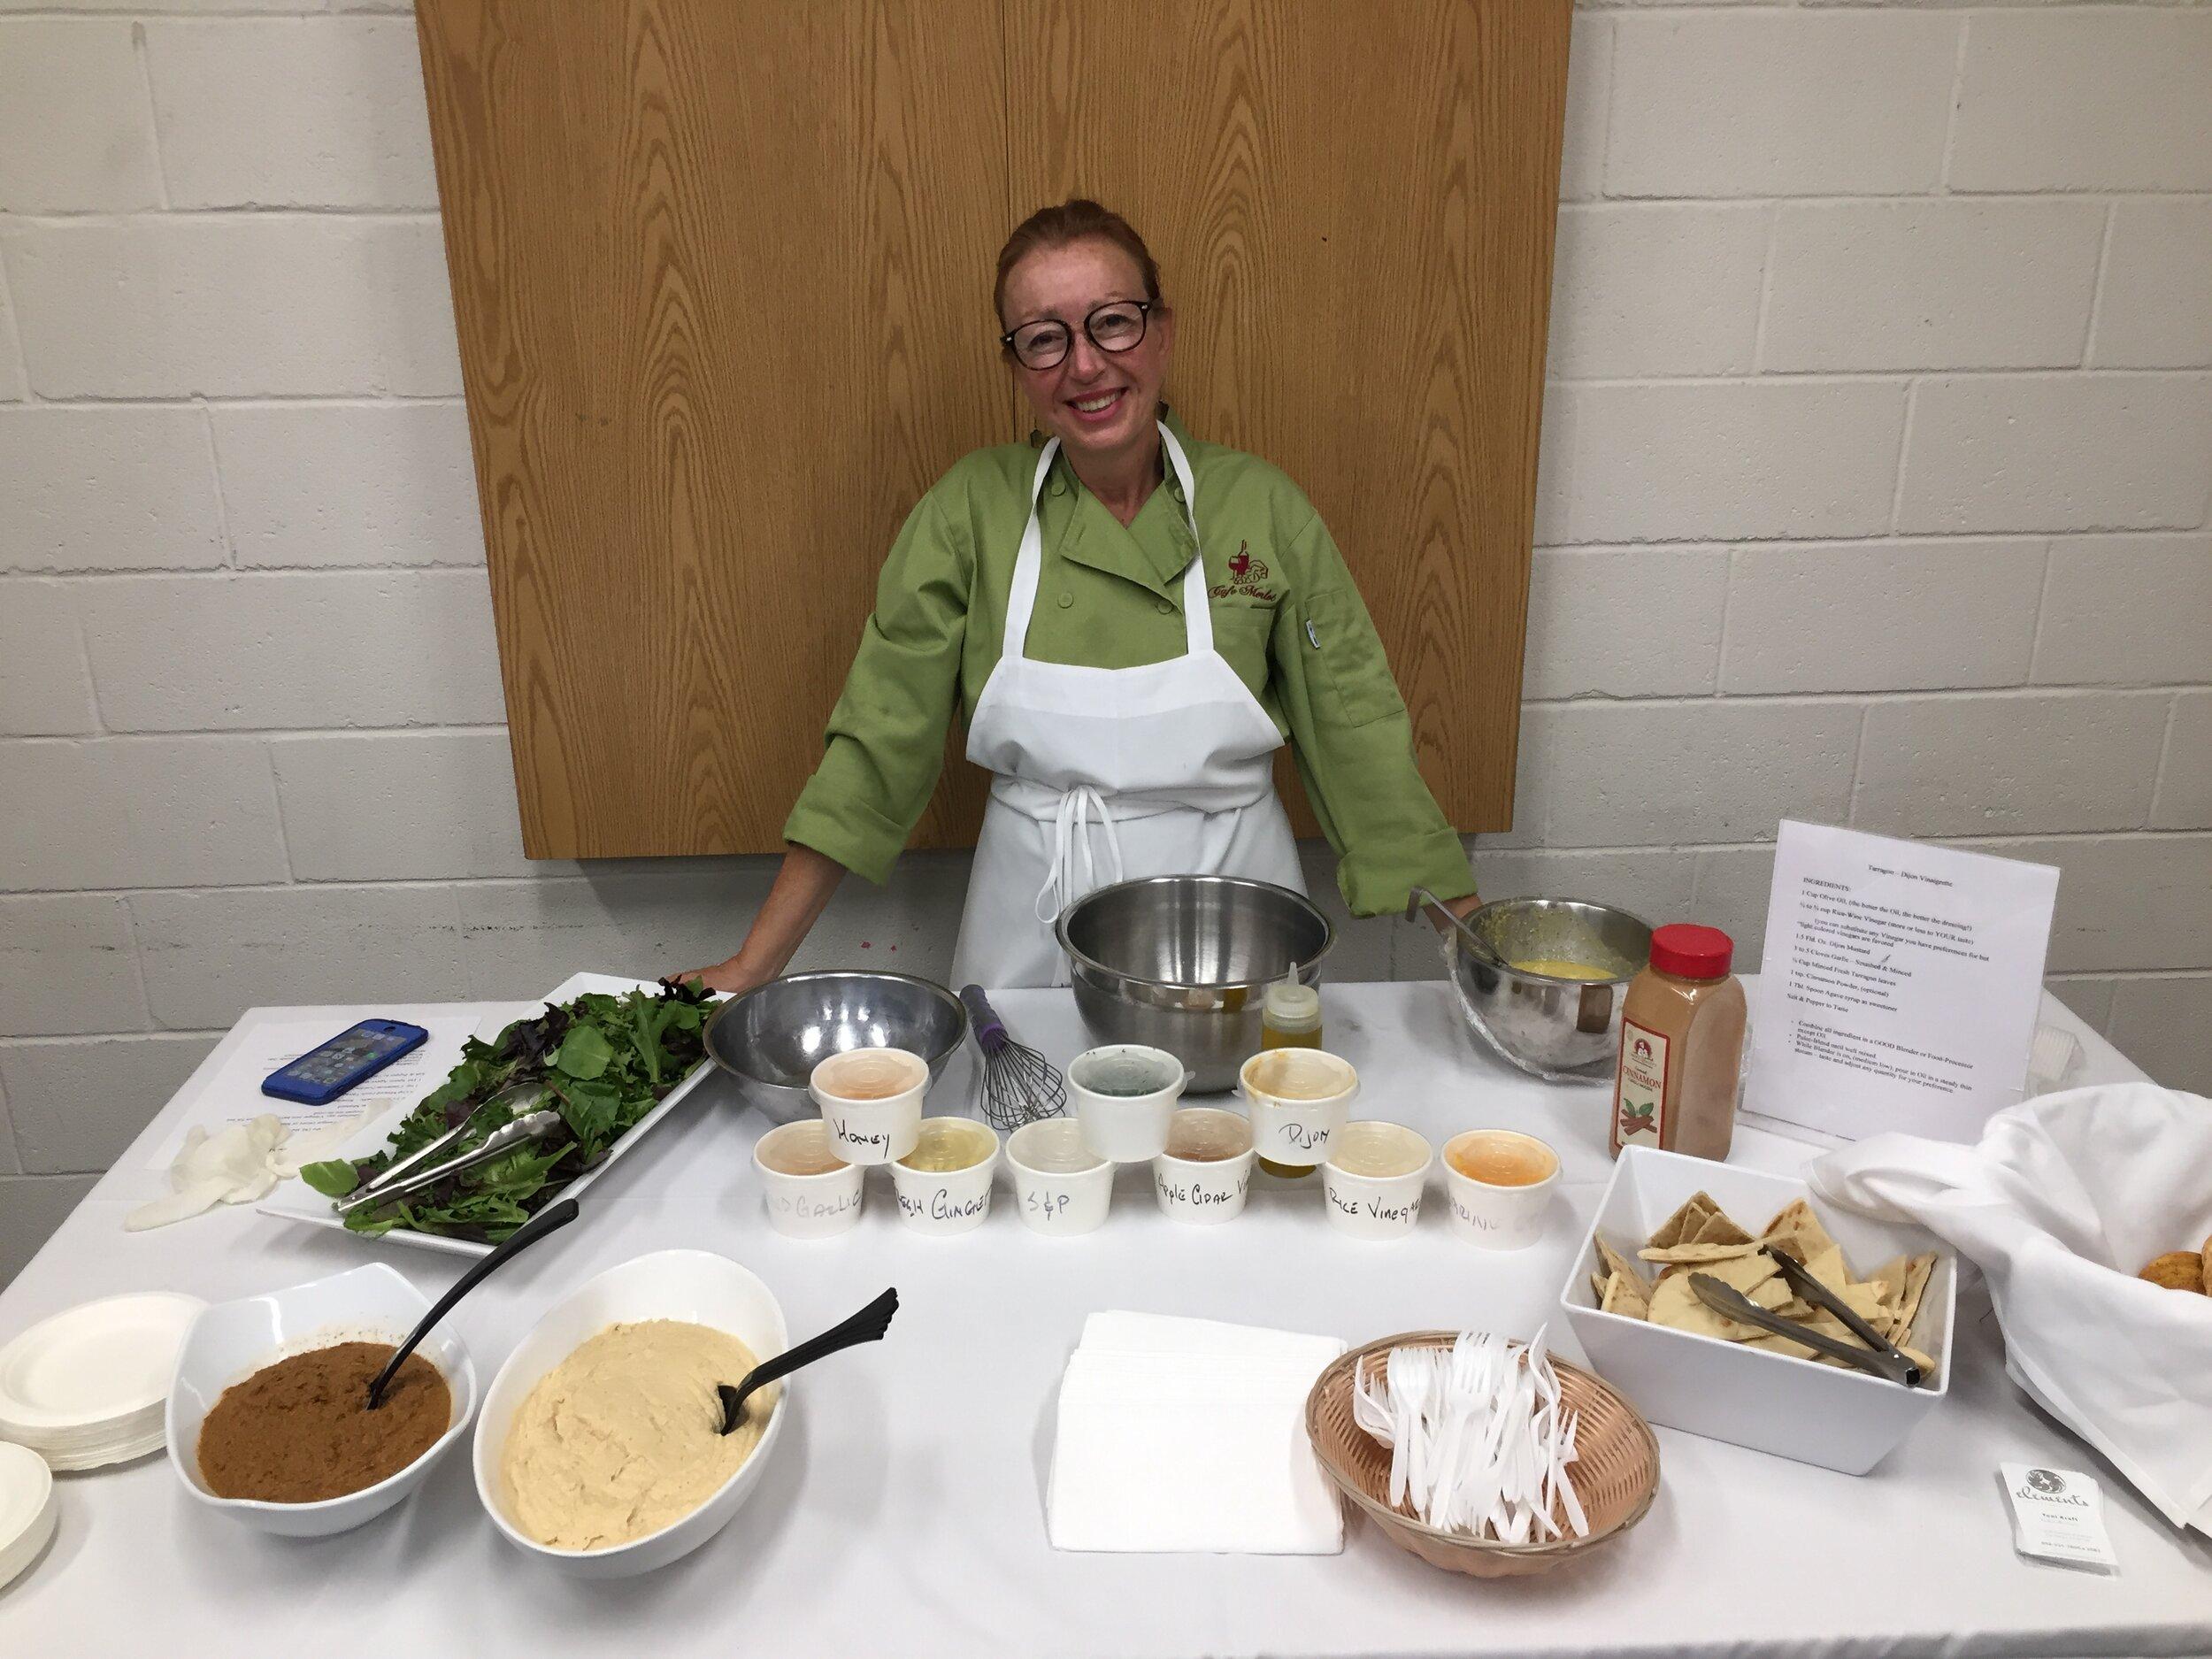 Sept 17, 2019 Cooking Class